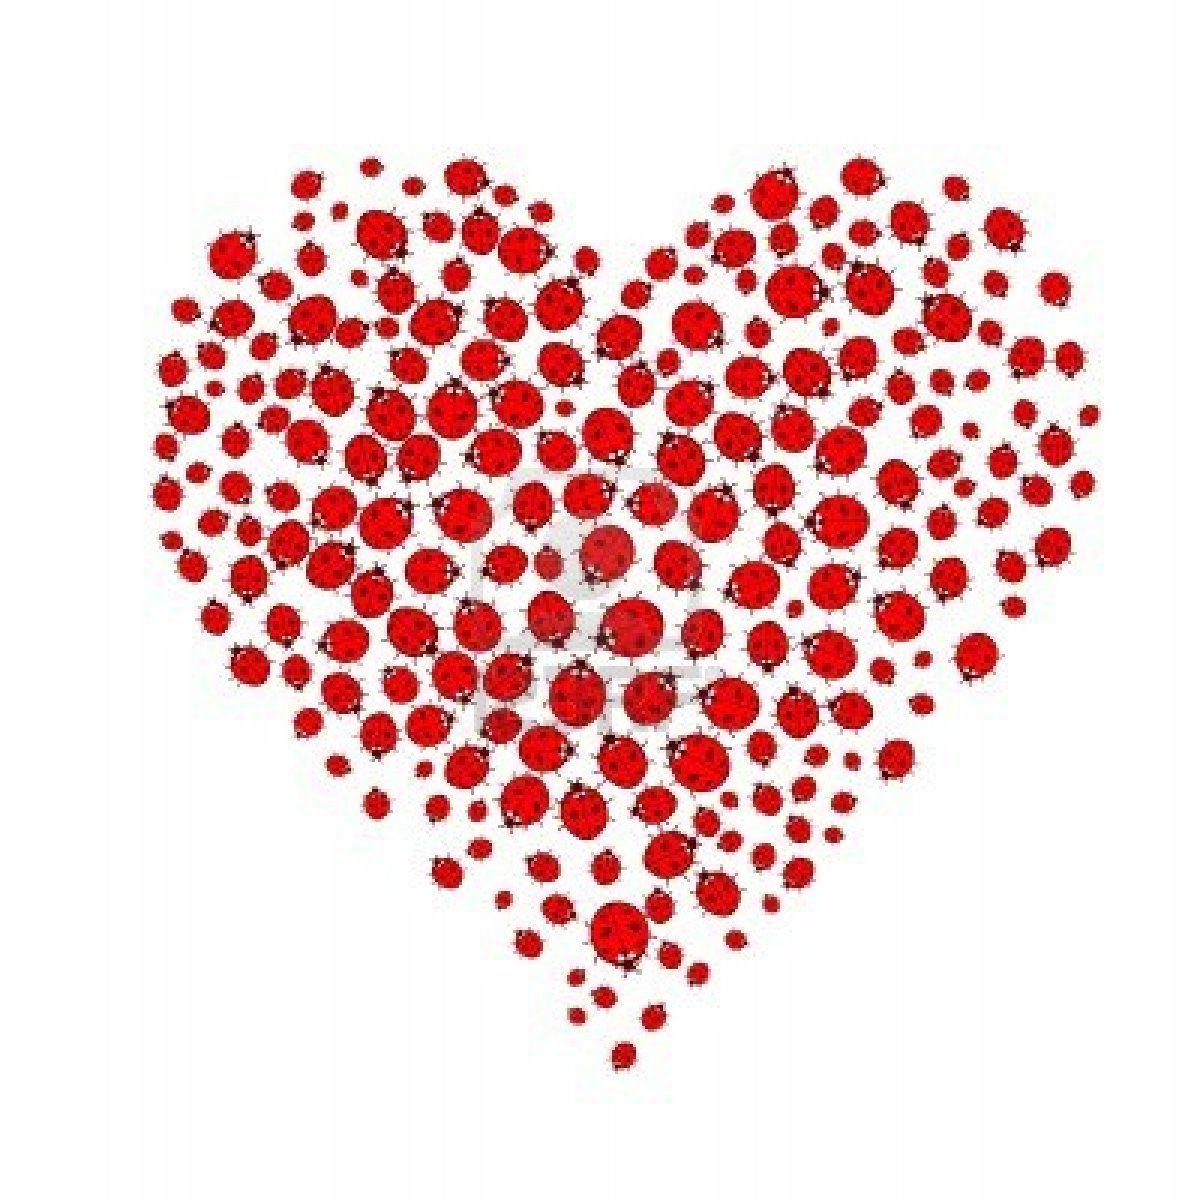 Ladybugs Forming Heart Shape On White Background Ladybug Heart Frame Buy Ladybugs